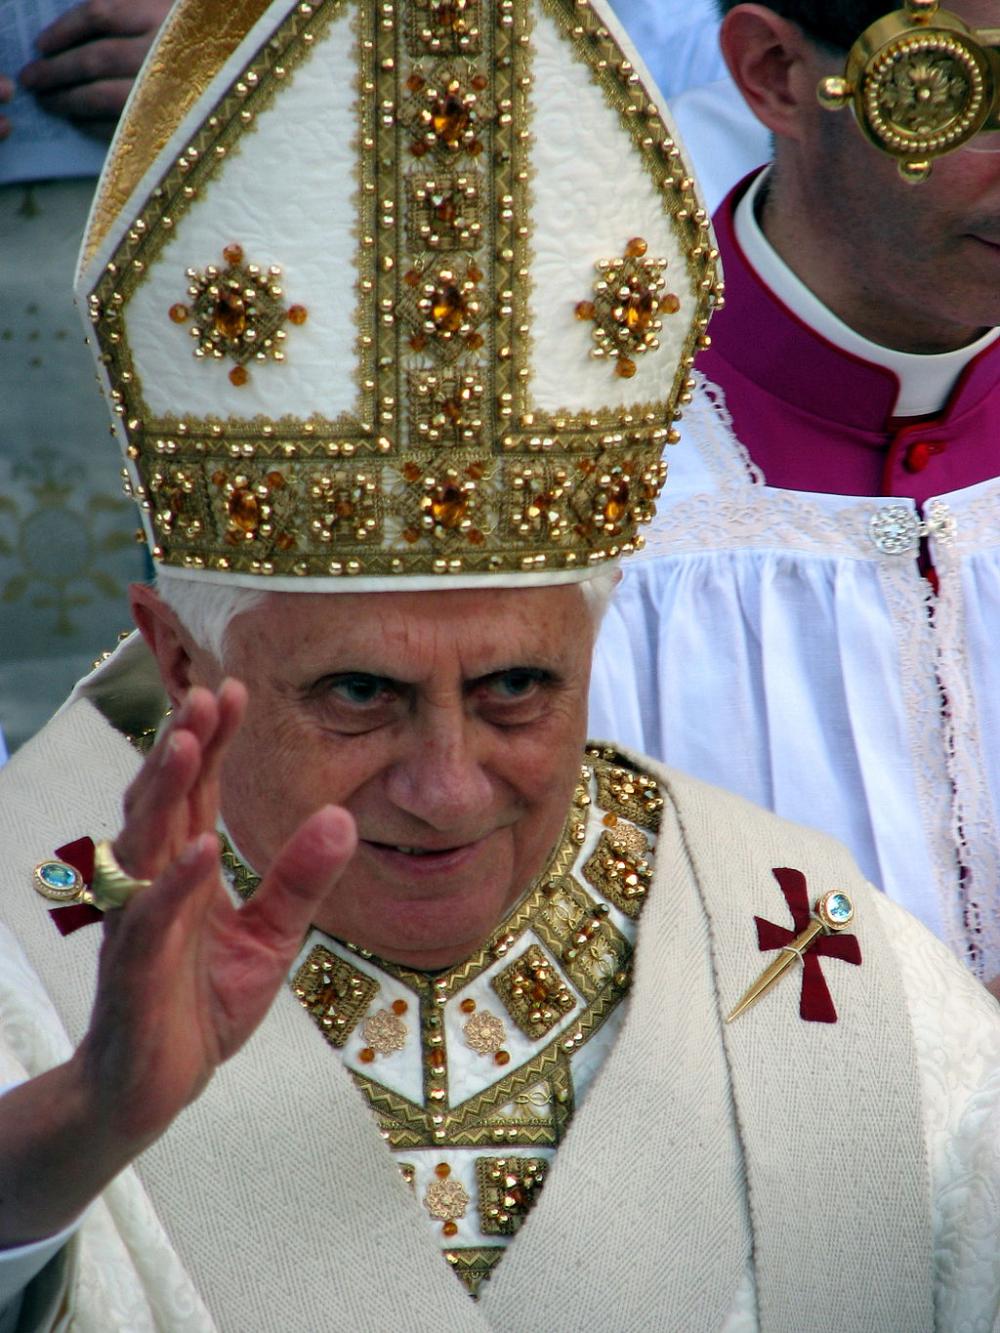 Visita Di Papa Benedetto Xvi A Genova 2008 05 18 Primo Piano Di Benedetto Xvi Mitre Wikipedia Bishop Hat Mitered Christian Devotions